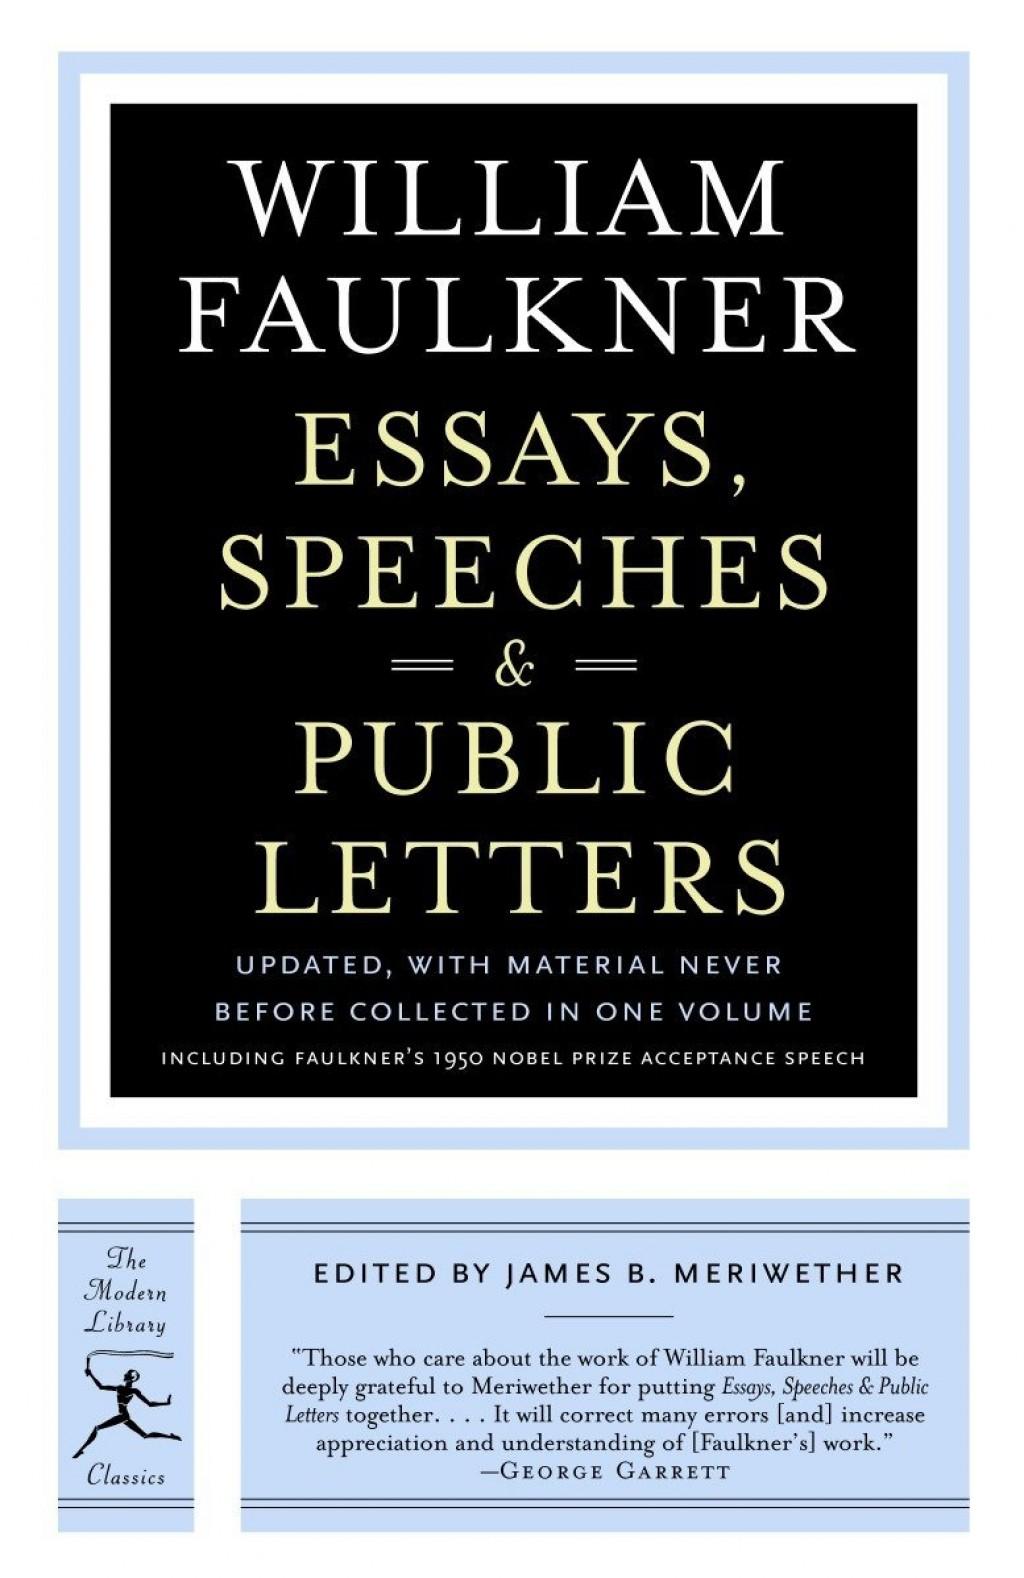 002 William Faulkner Essays Essay Example Stunning Topics Large